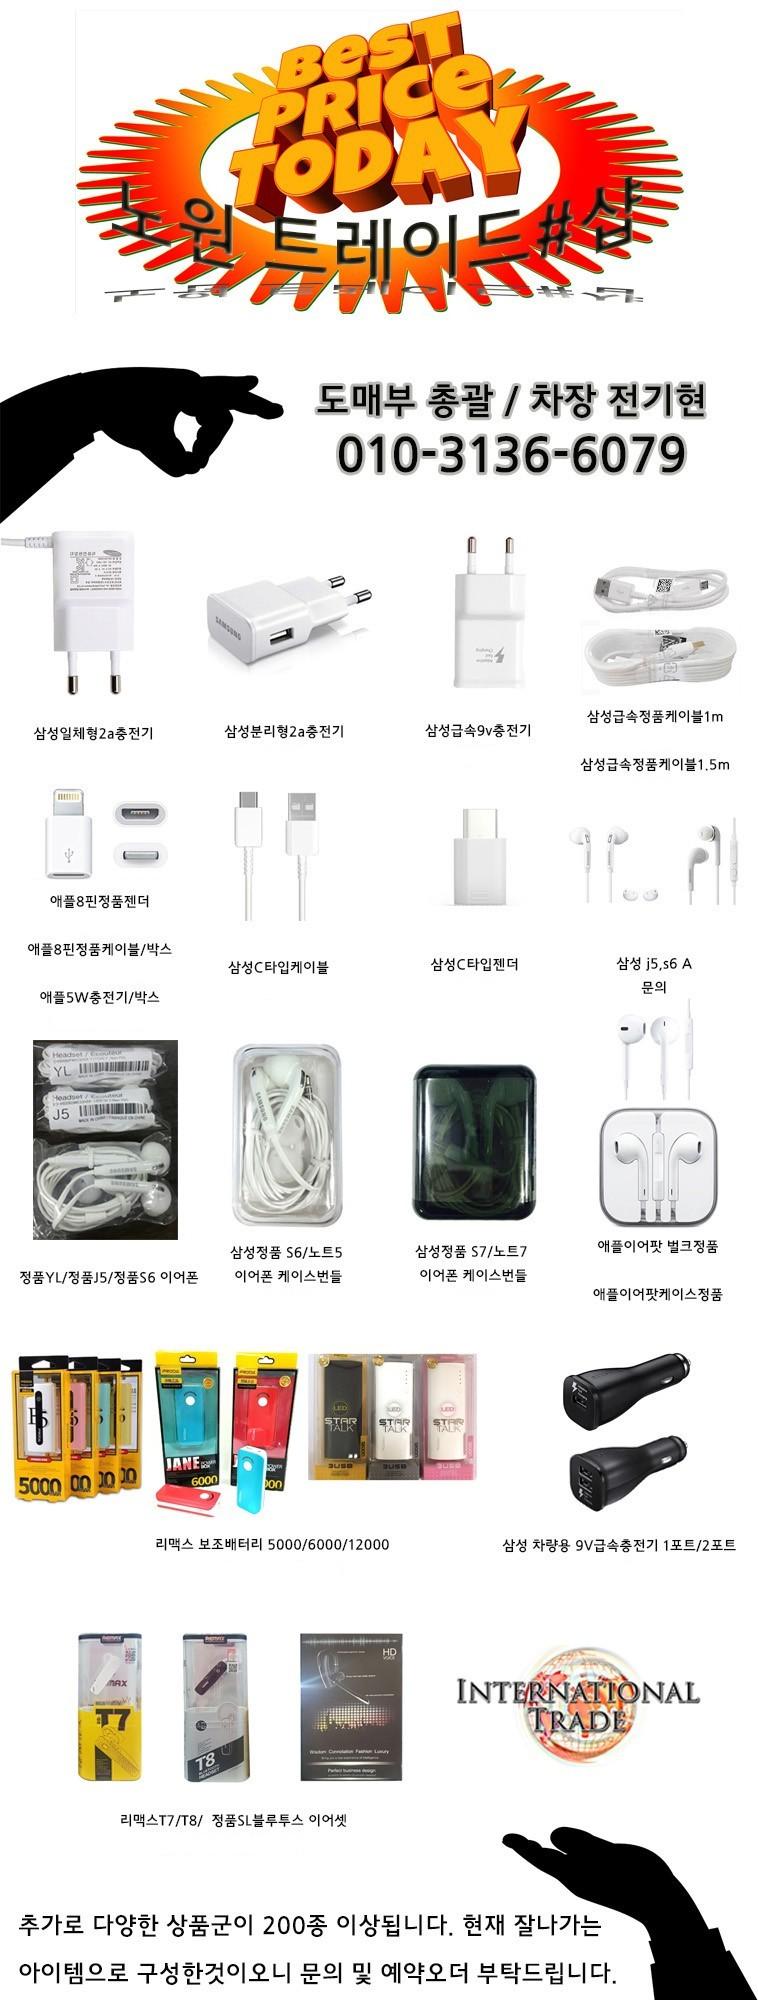 삼성, 애플 충전기 및 이어폰 각종 악세사리 도매최저가 냅니다.